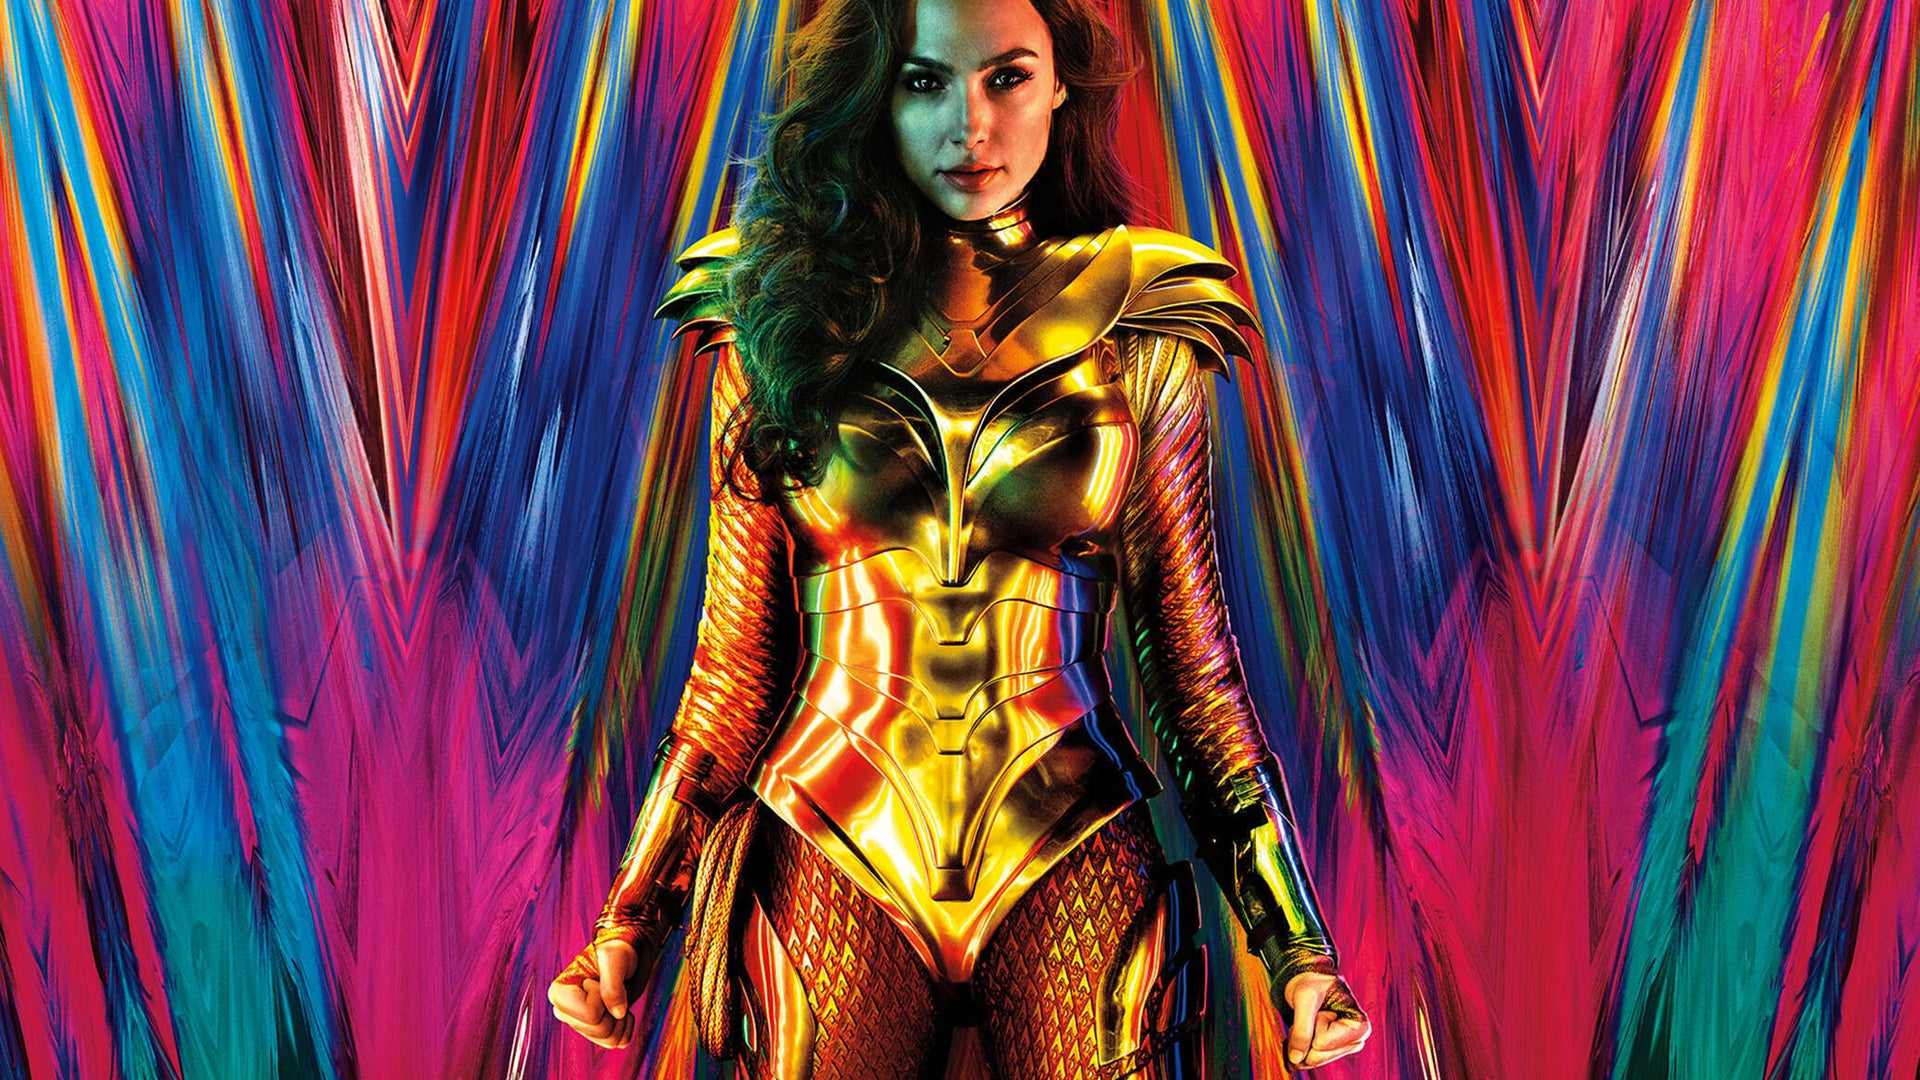 Gal Gadot, Wonder Woman 1984